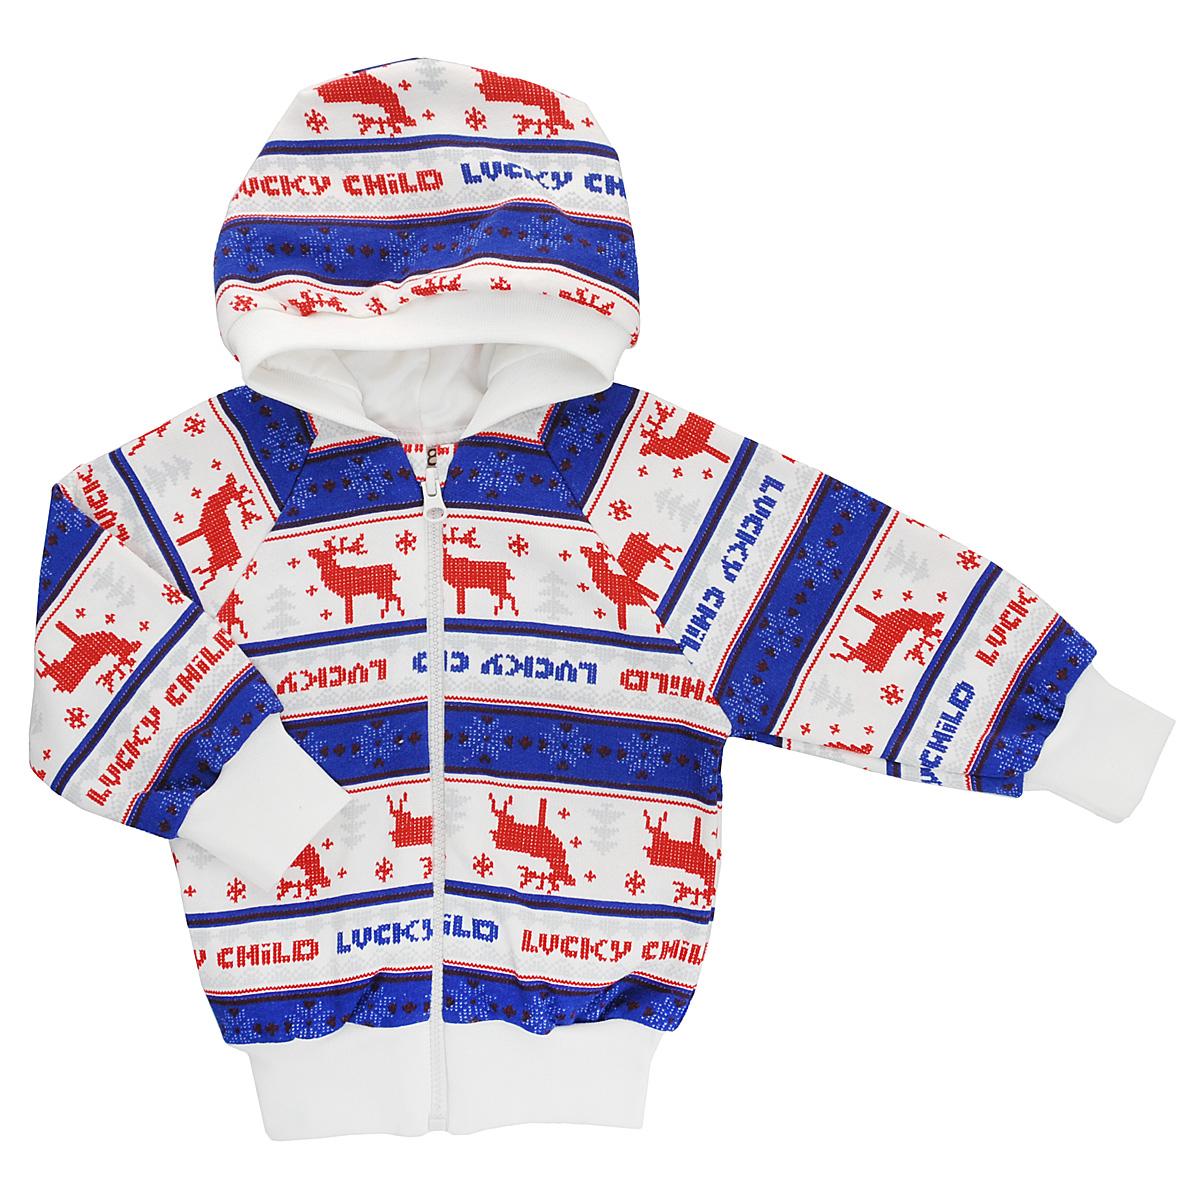 Кофточка детская Lucky Child, цвет: молочный, синий, красный. 10-17. Размер 86/9210-17Кофточка для новорожденного Lucky Child с длинными рукавами-реглан и капюшоном послужит идеальным дополнением к гардеробу вашего малыша, обеспечивая ему наибольший комфорт. Изготовленная из натурального хлопка, она необычайно мягкая и легкая, не раздражает нежную кожу ребенка и хорошо вентилируется, а эластичные швы приятны телу малыша и не препятствуют его движениям. Лицевая сторона гладкая, а изнаночная - с мягким теплым начесом.Удобная застежка-молния по всей длине помогает легко переодеть младенца. Рукава понизу дополнены широкими трикотажными манжетами, не стягивающими запястья. Понизу также проходит широкая трикотажная резинка. Оформлена модель модным скандинавским принтом. Кофточка полностью соответствует особенностям жизни ребенка в ранний период, не стесняя и не ограничивая его в движениях. В ней ваш младенец всегда будет в центре внимания.